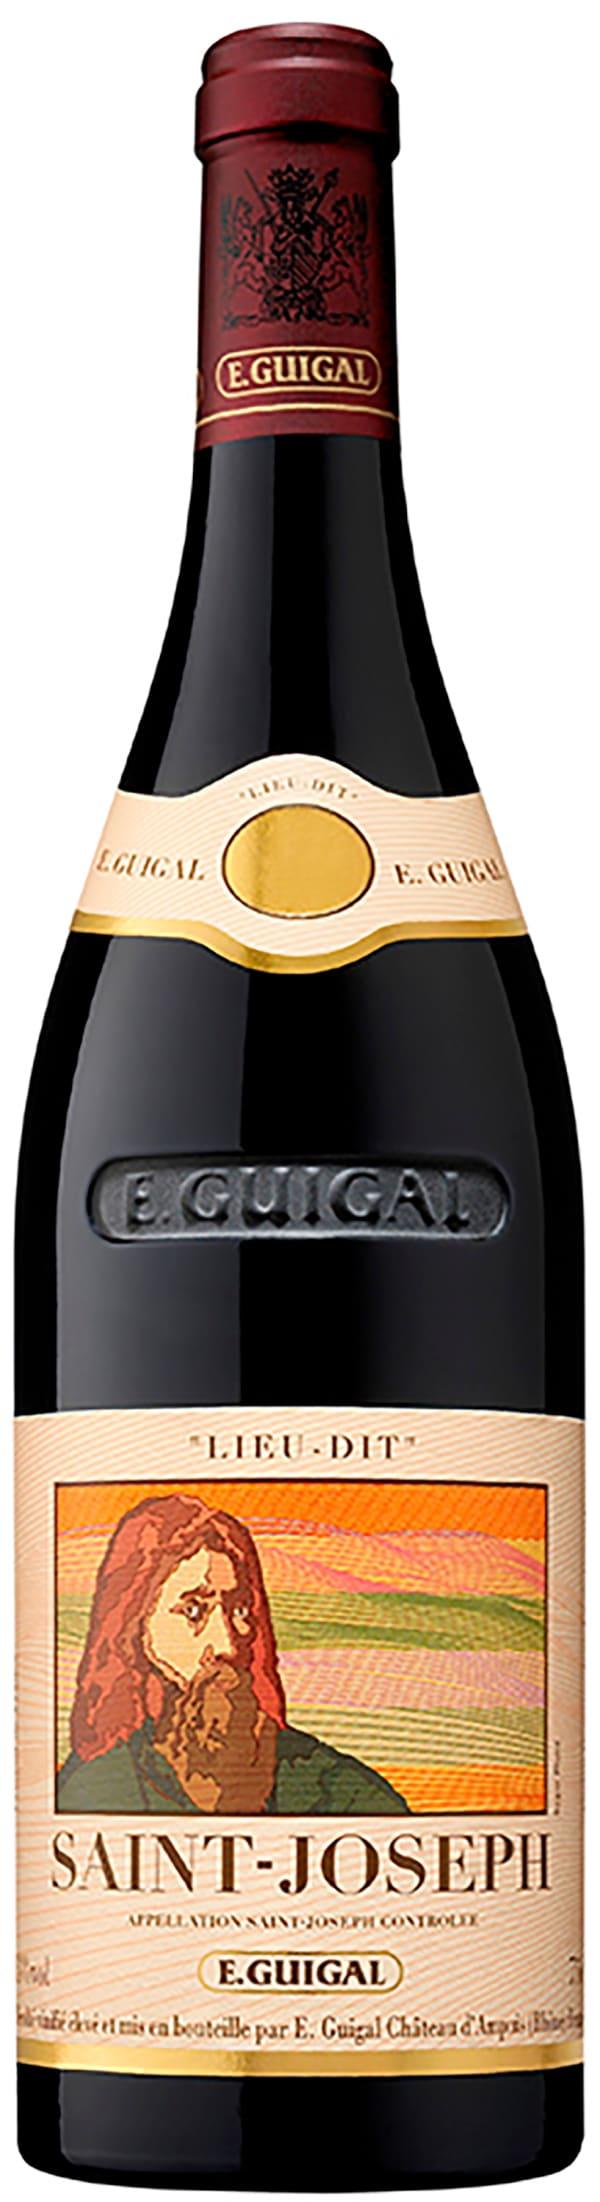 E. Guigal Saint-Joseph 'Lieu-dit' 2017